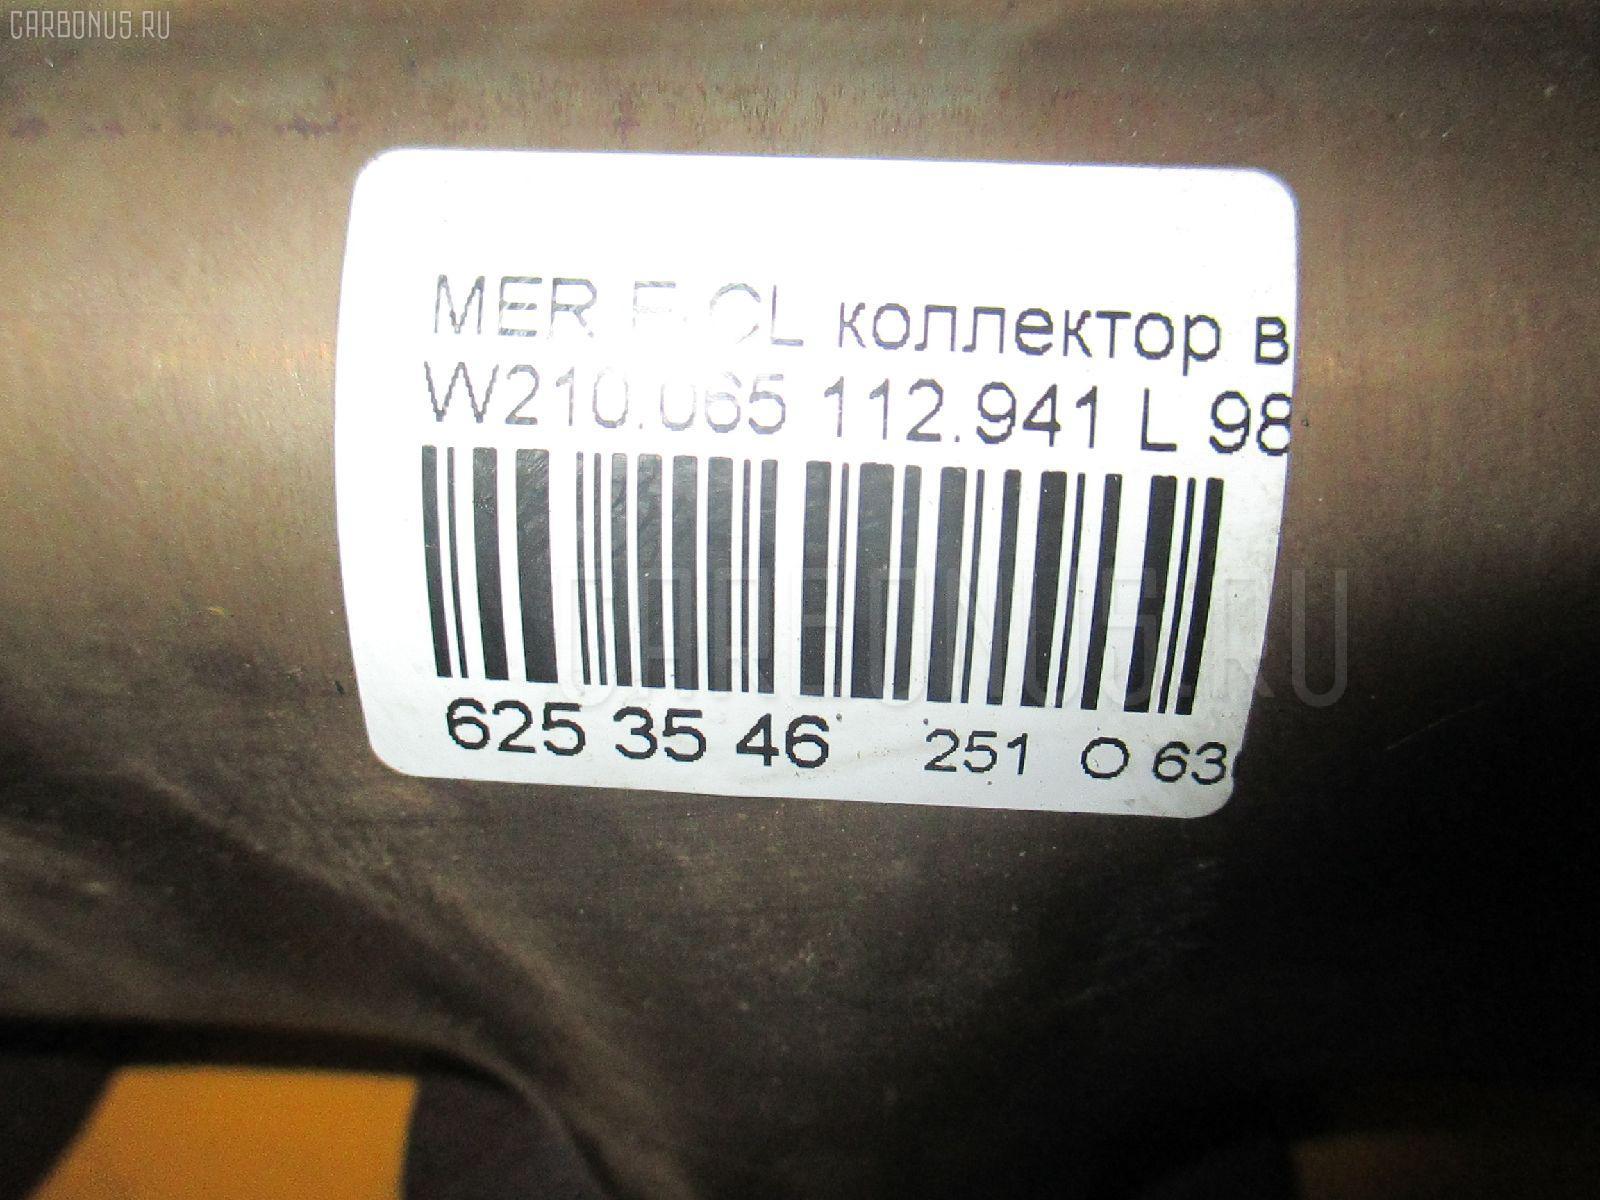 Коллектор выхлопной MERCEDES-BENZ E-CLASS W210.065 112.941 Фото 3